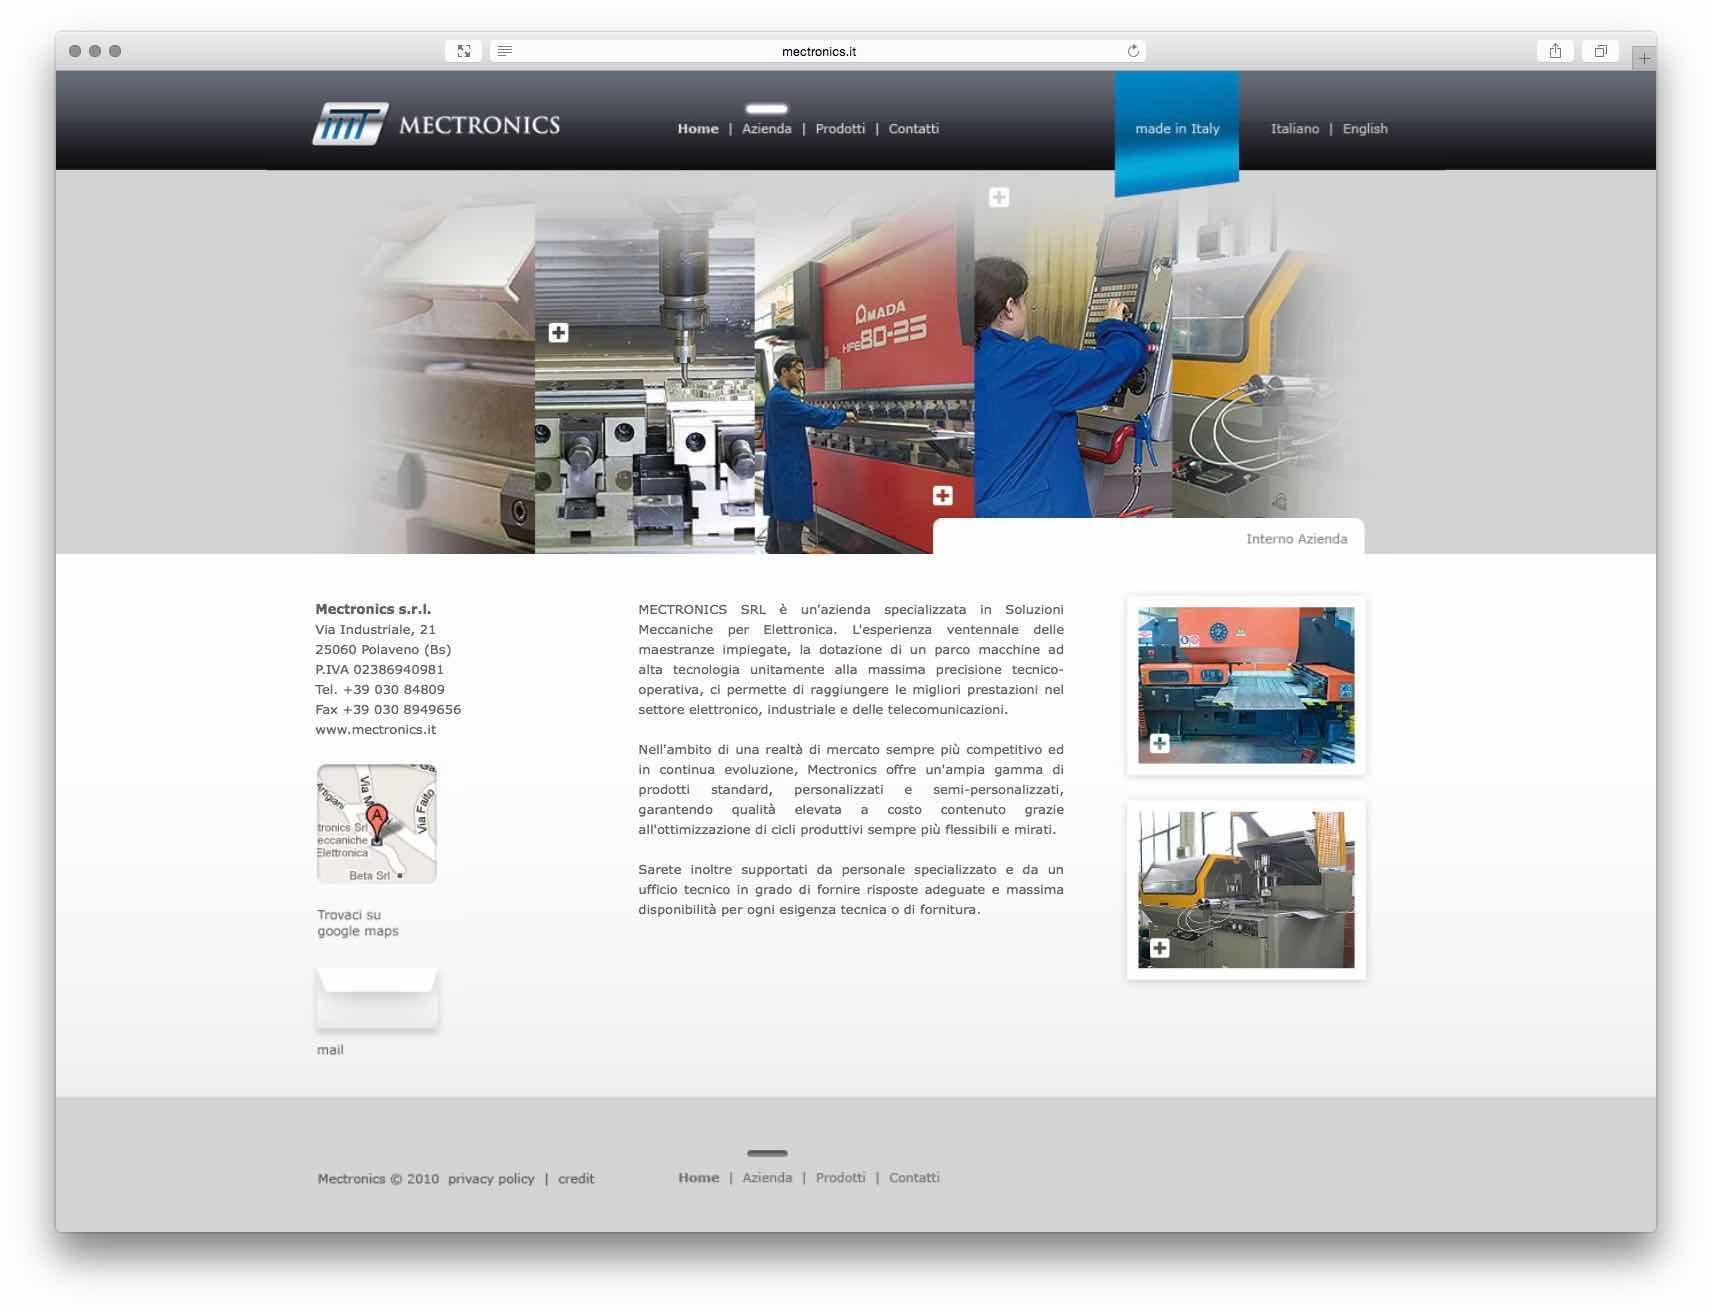 Creazione Siti Web Brescia - Sito Web Mectronics